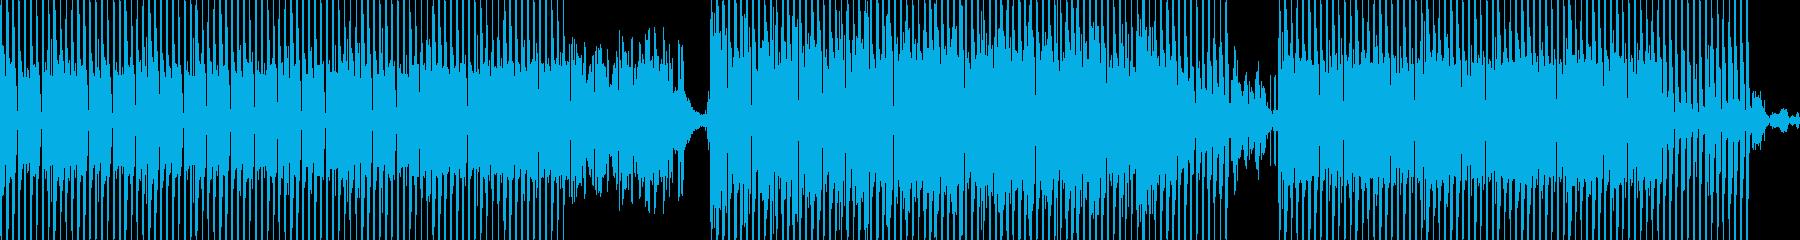 未来的テクノミュージックの再生済みの波形